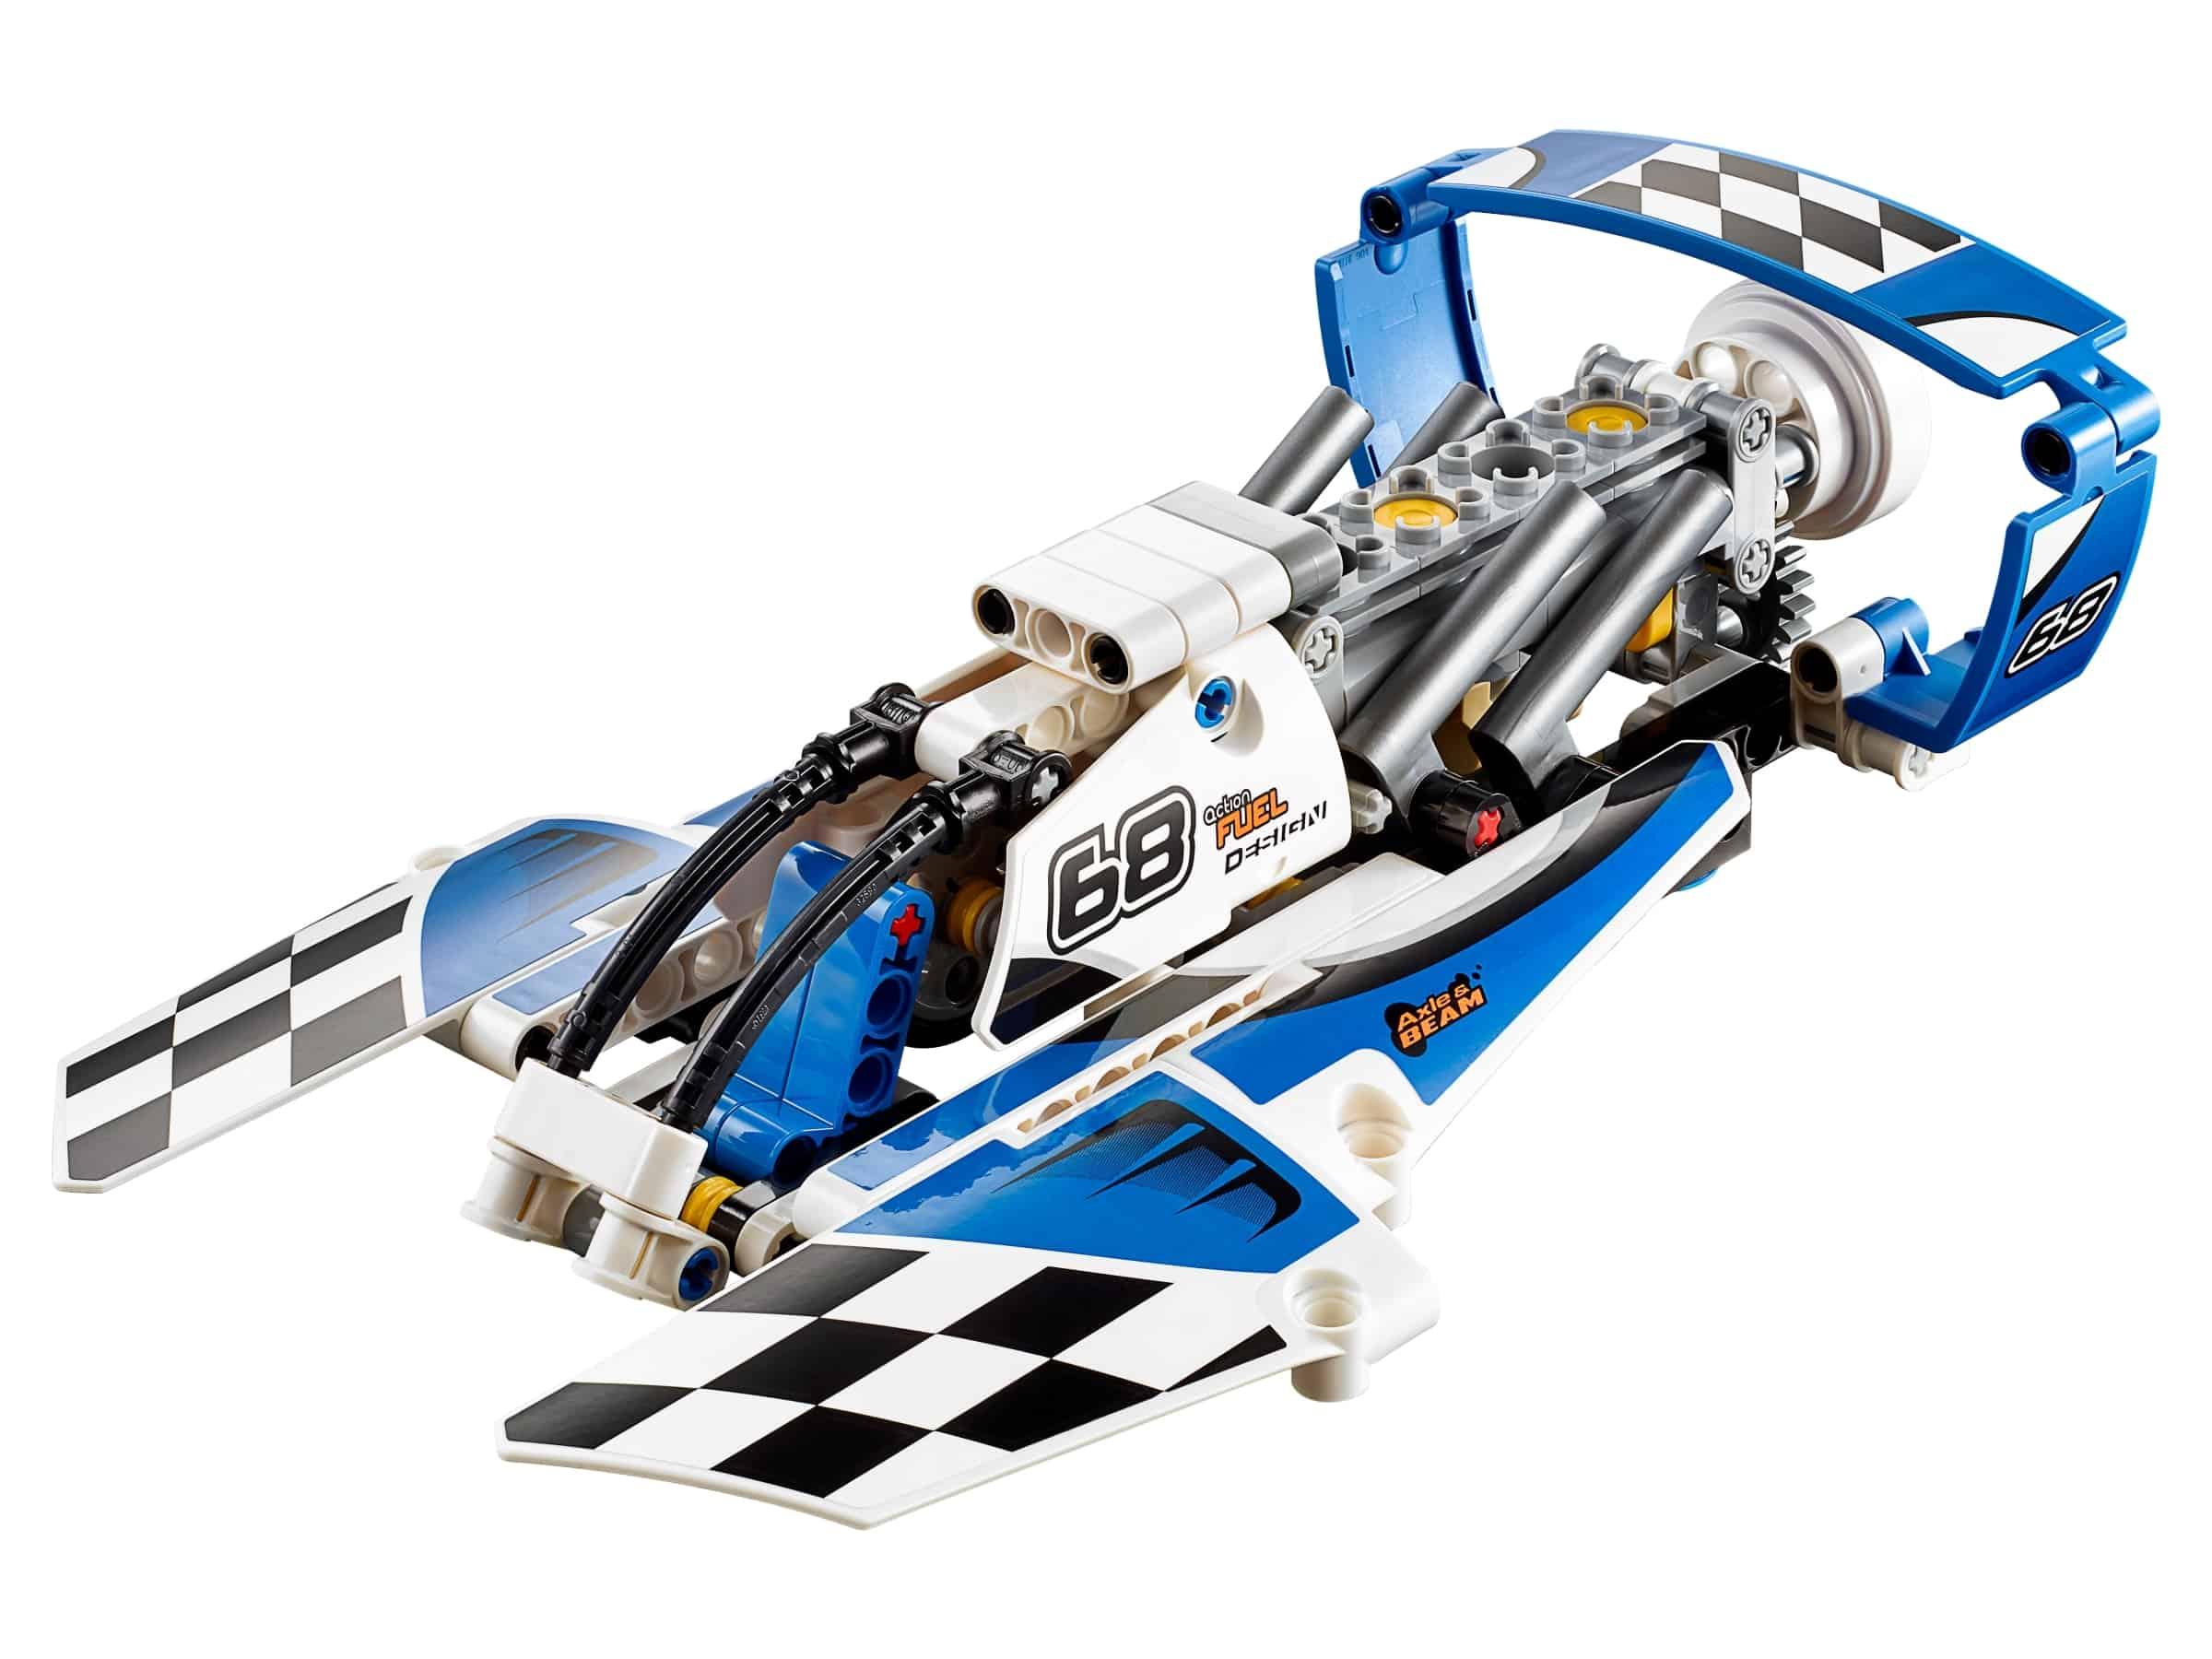 lego watervliegtuig racer 42045